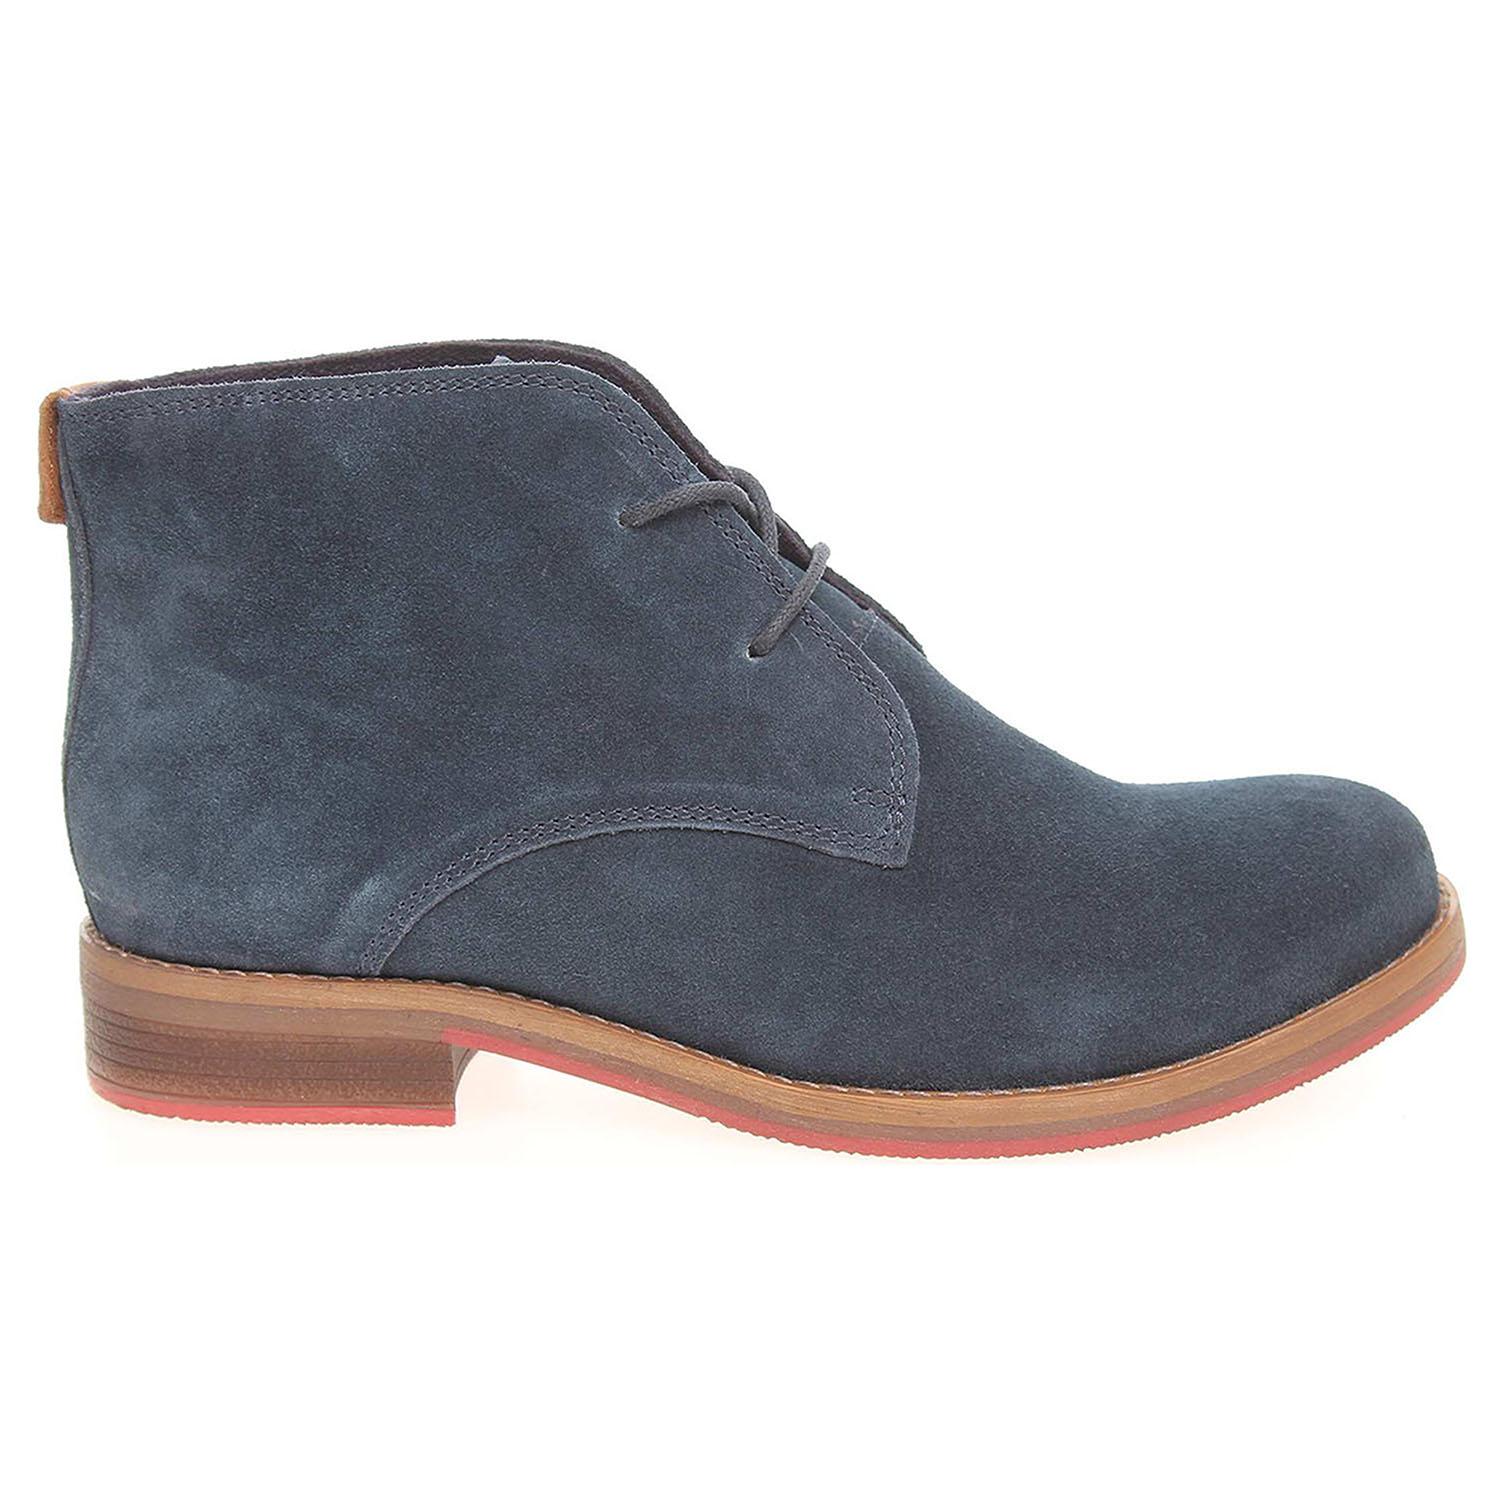 s.Oliver dámská obuv 5-25205-37 modrá 38